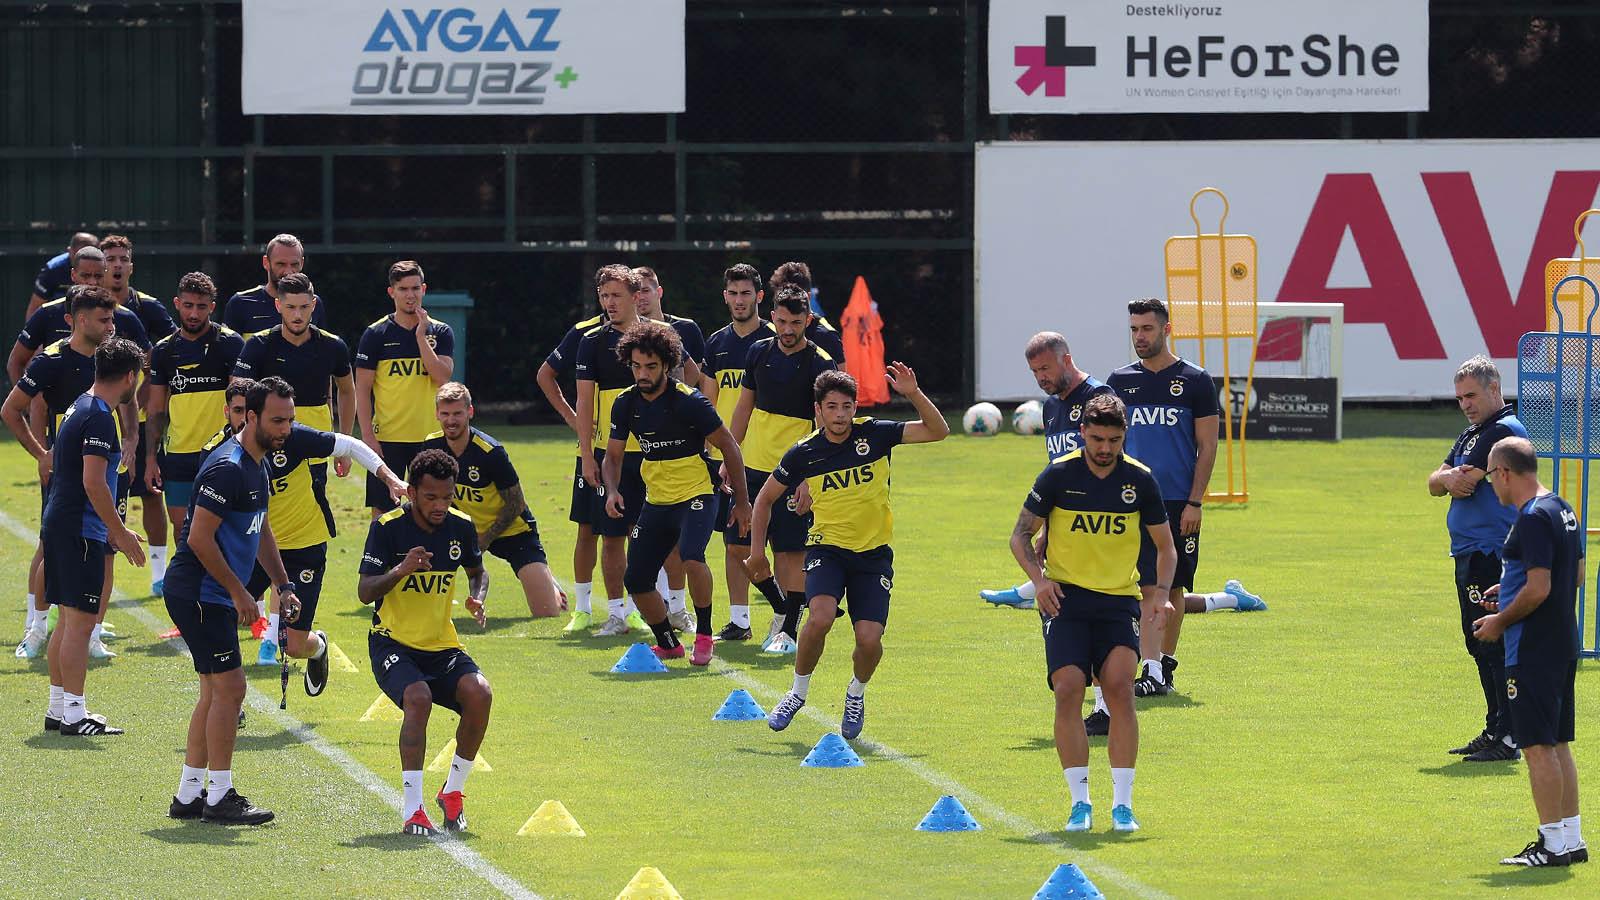 Sabah antrenmanıyla Trabzonspor maçı hazırlıklarına devam edildi